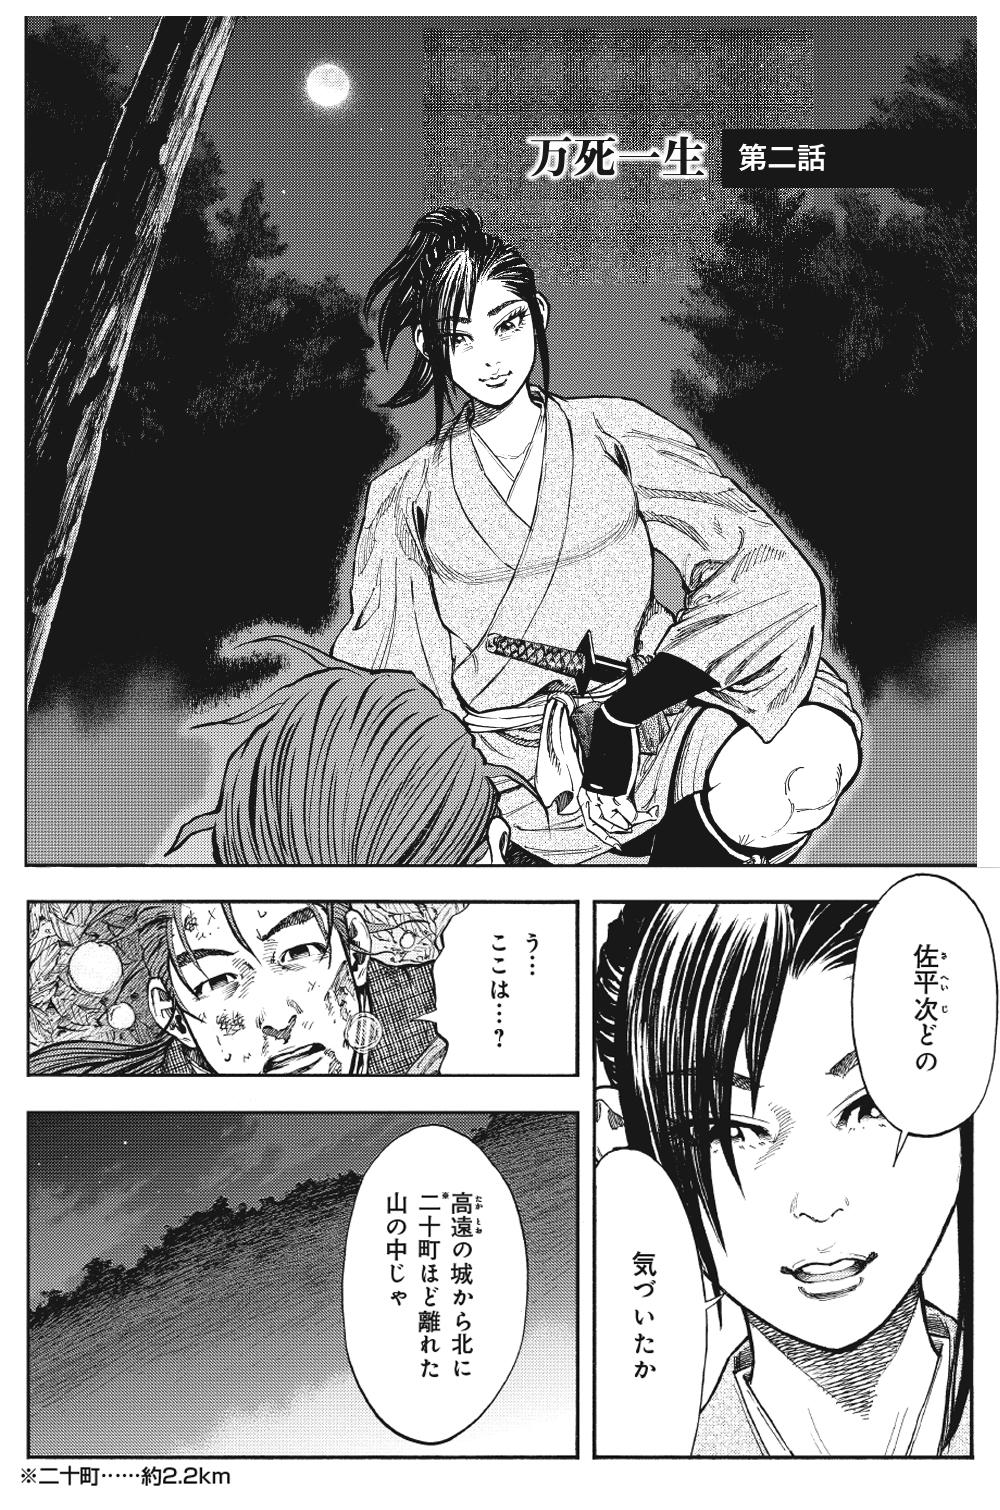 真田太平記 第2話「万死一生」sanada06-02.jpg